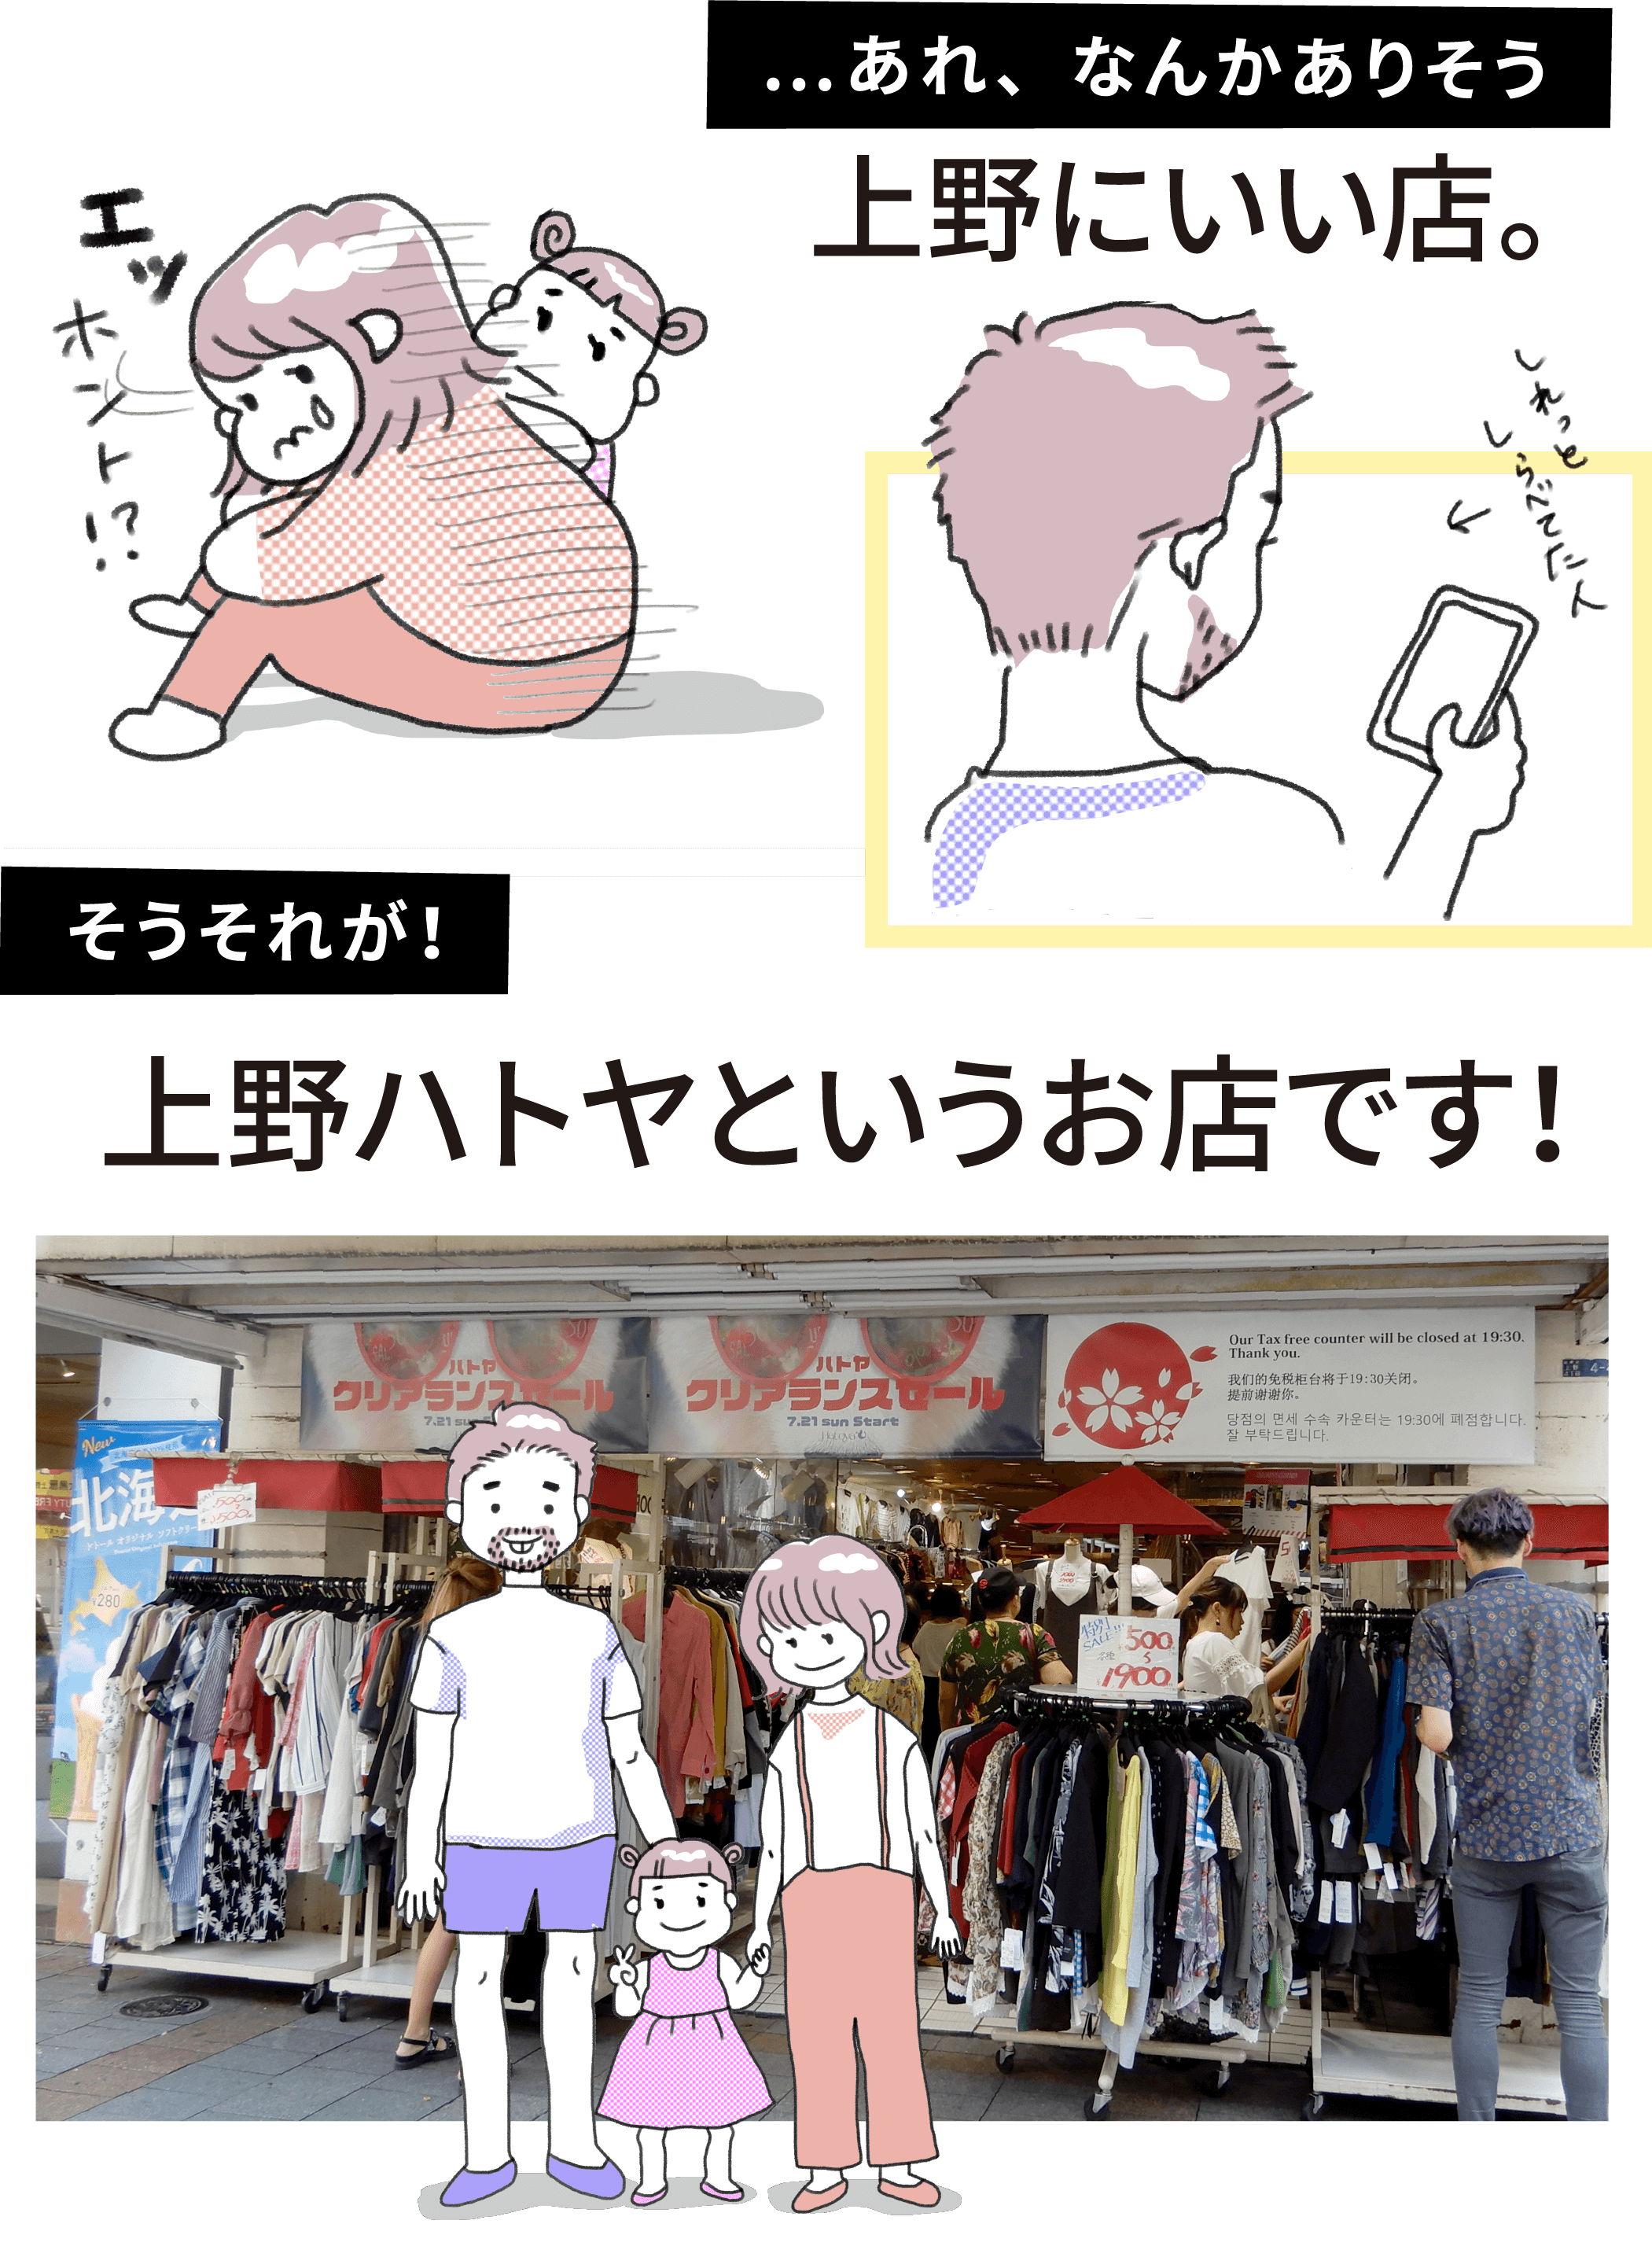 ...あれ、なんかありそう、上野にいい店。 そうそれが!上野ハトヤというお店です!